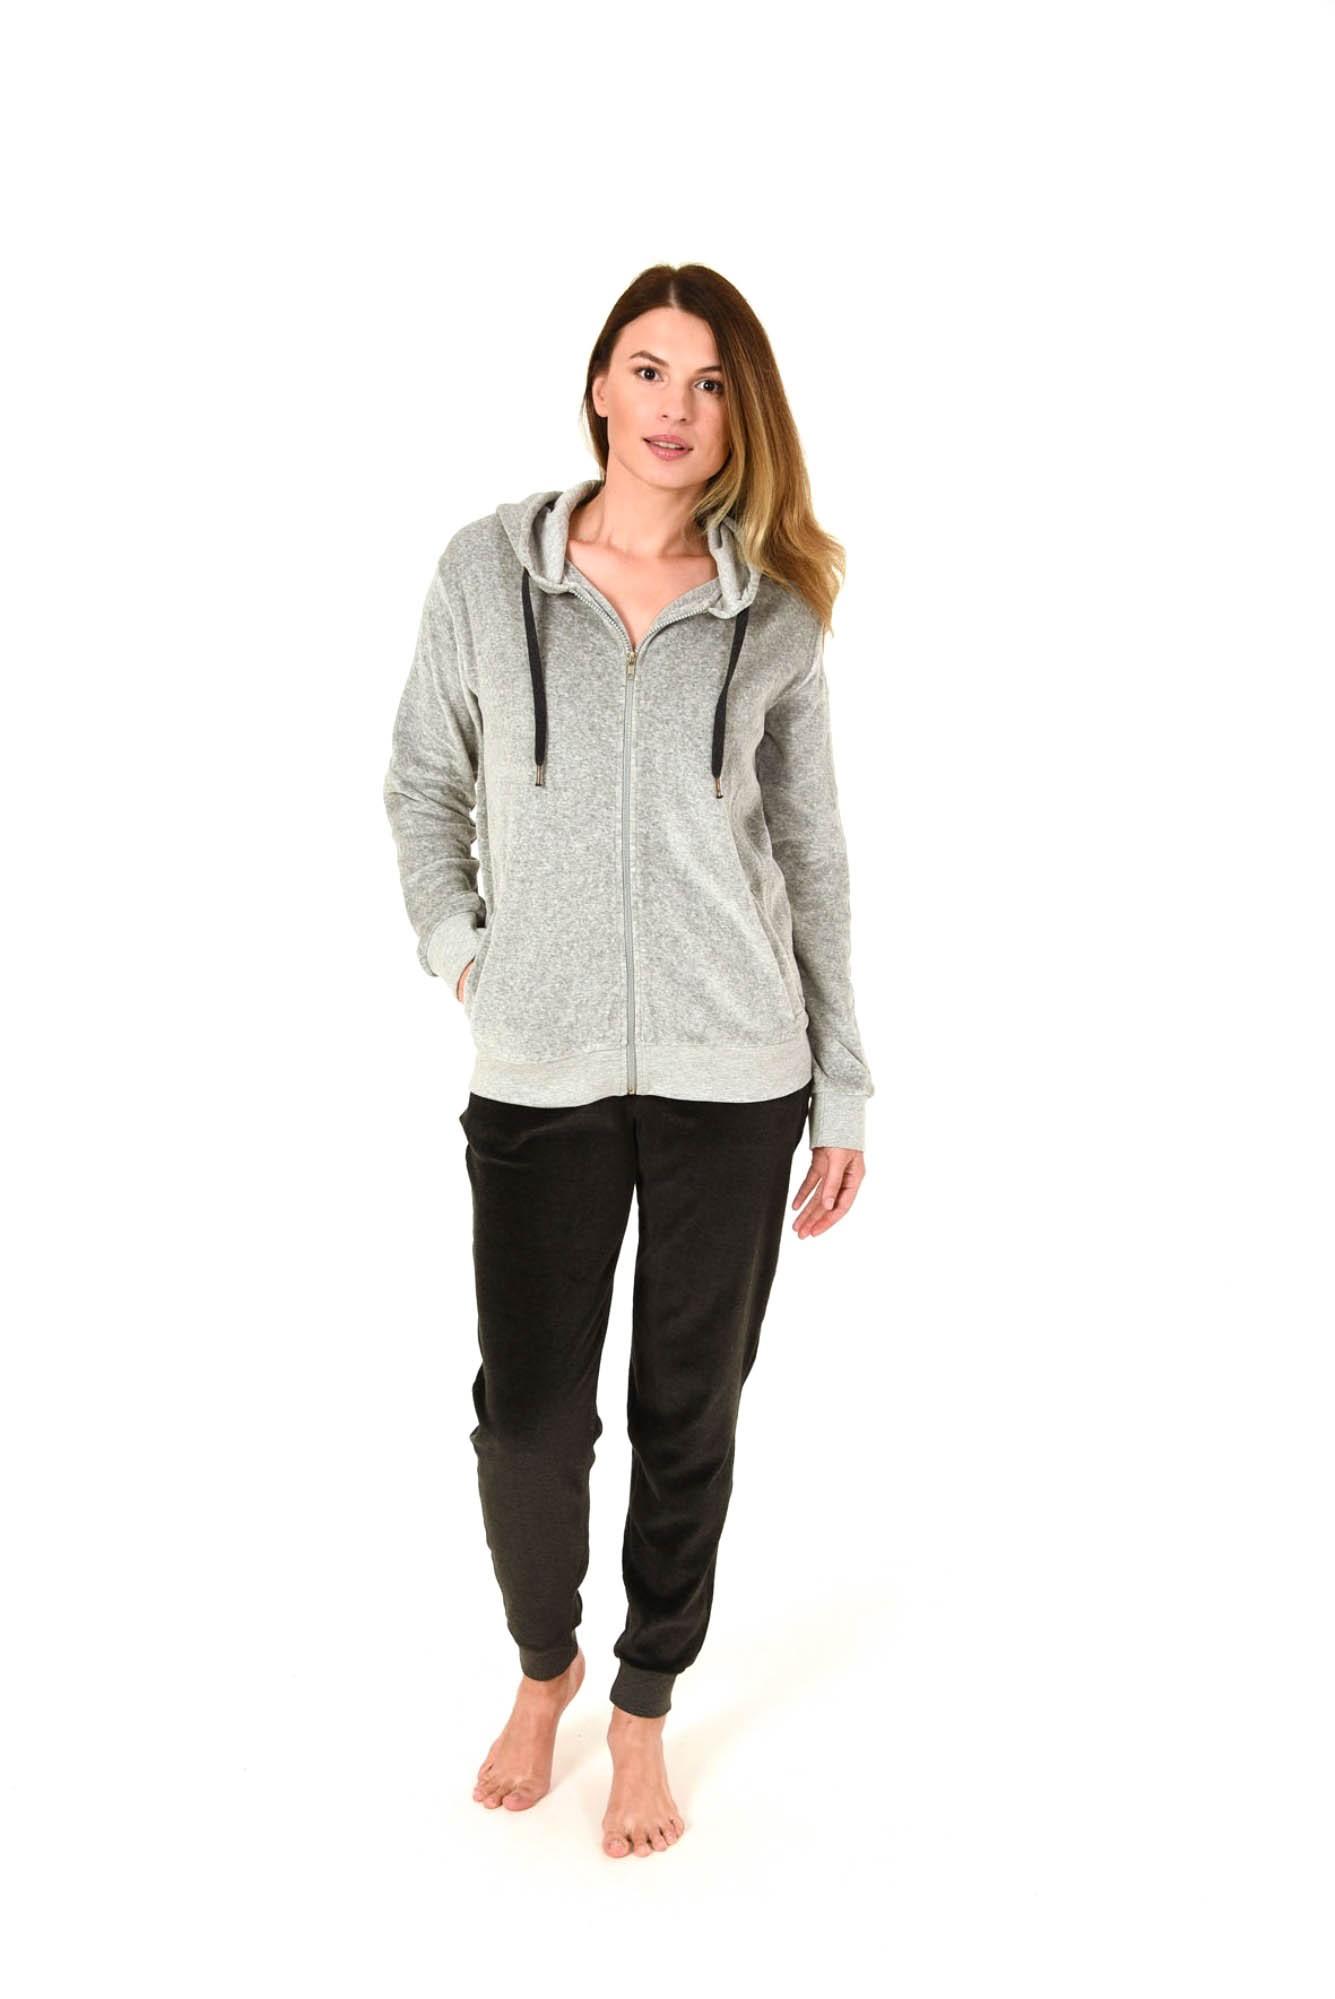 Damen Hausanzug Homewear Freizeitanzug Loungewear Nicky Velvet - 281 216 98 005 – Bild 2